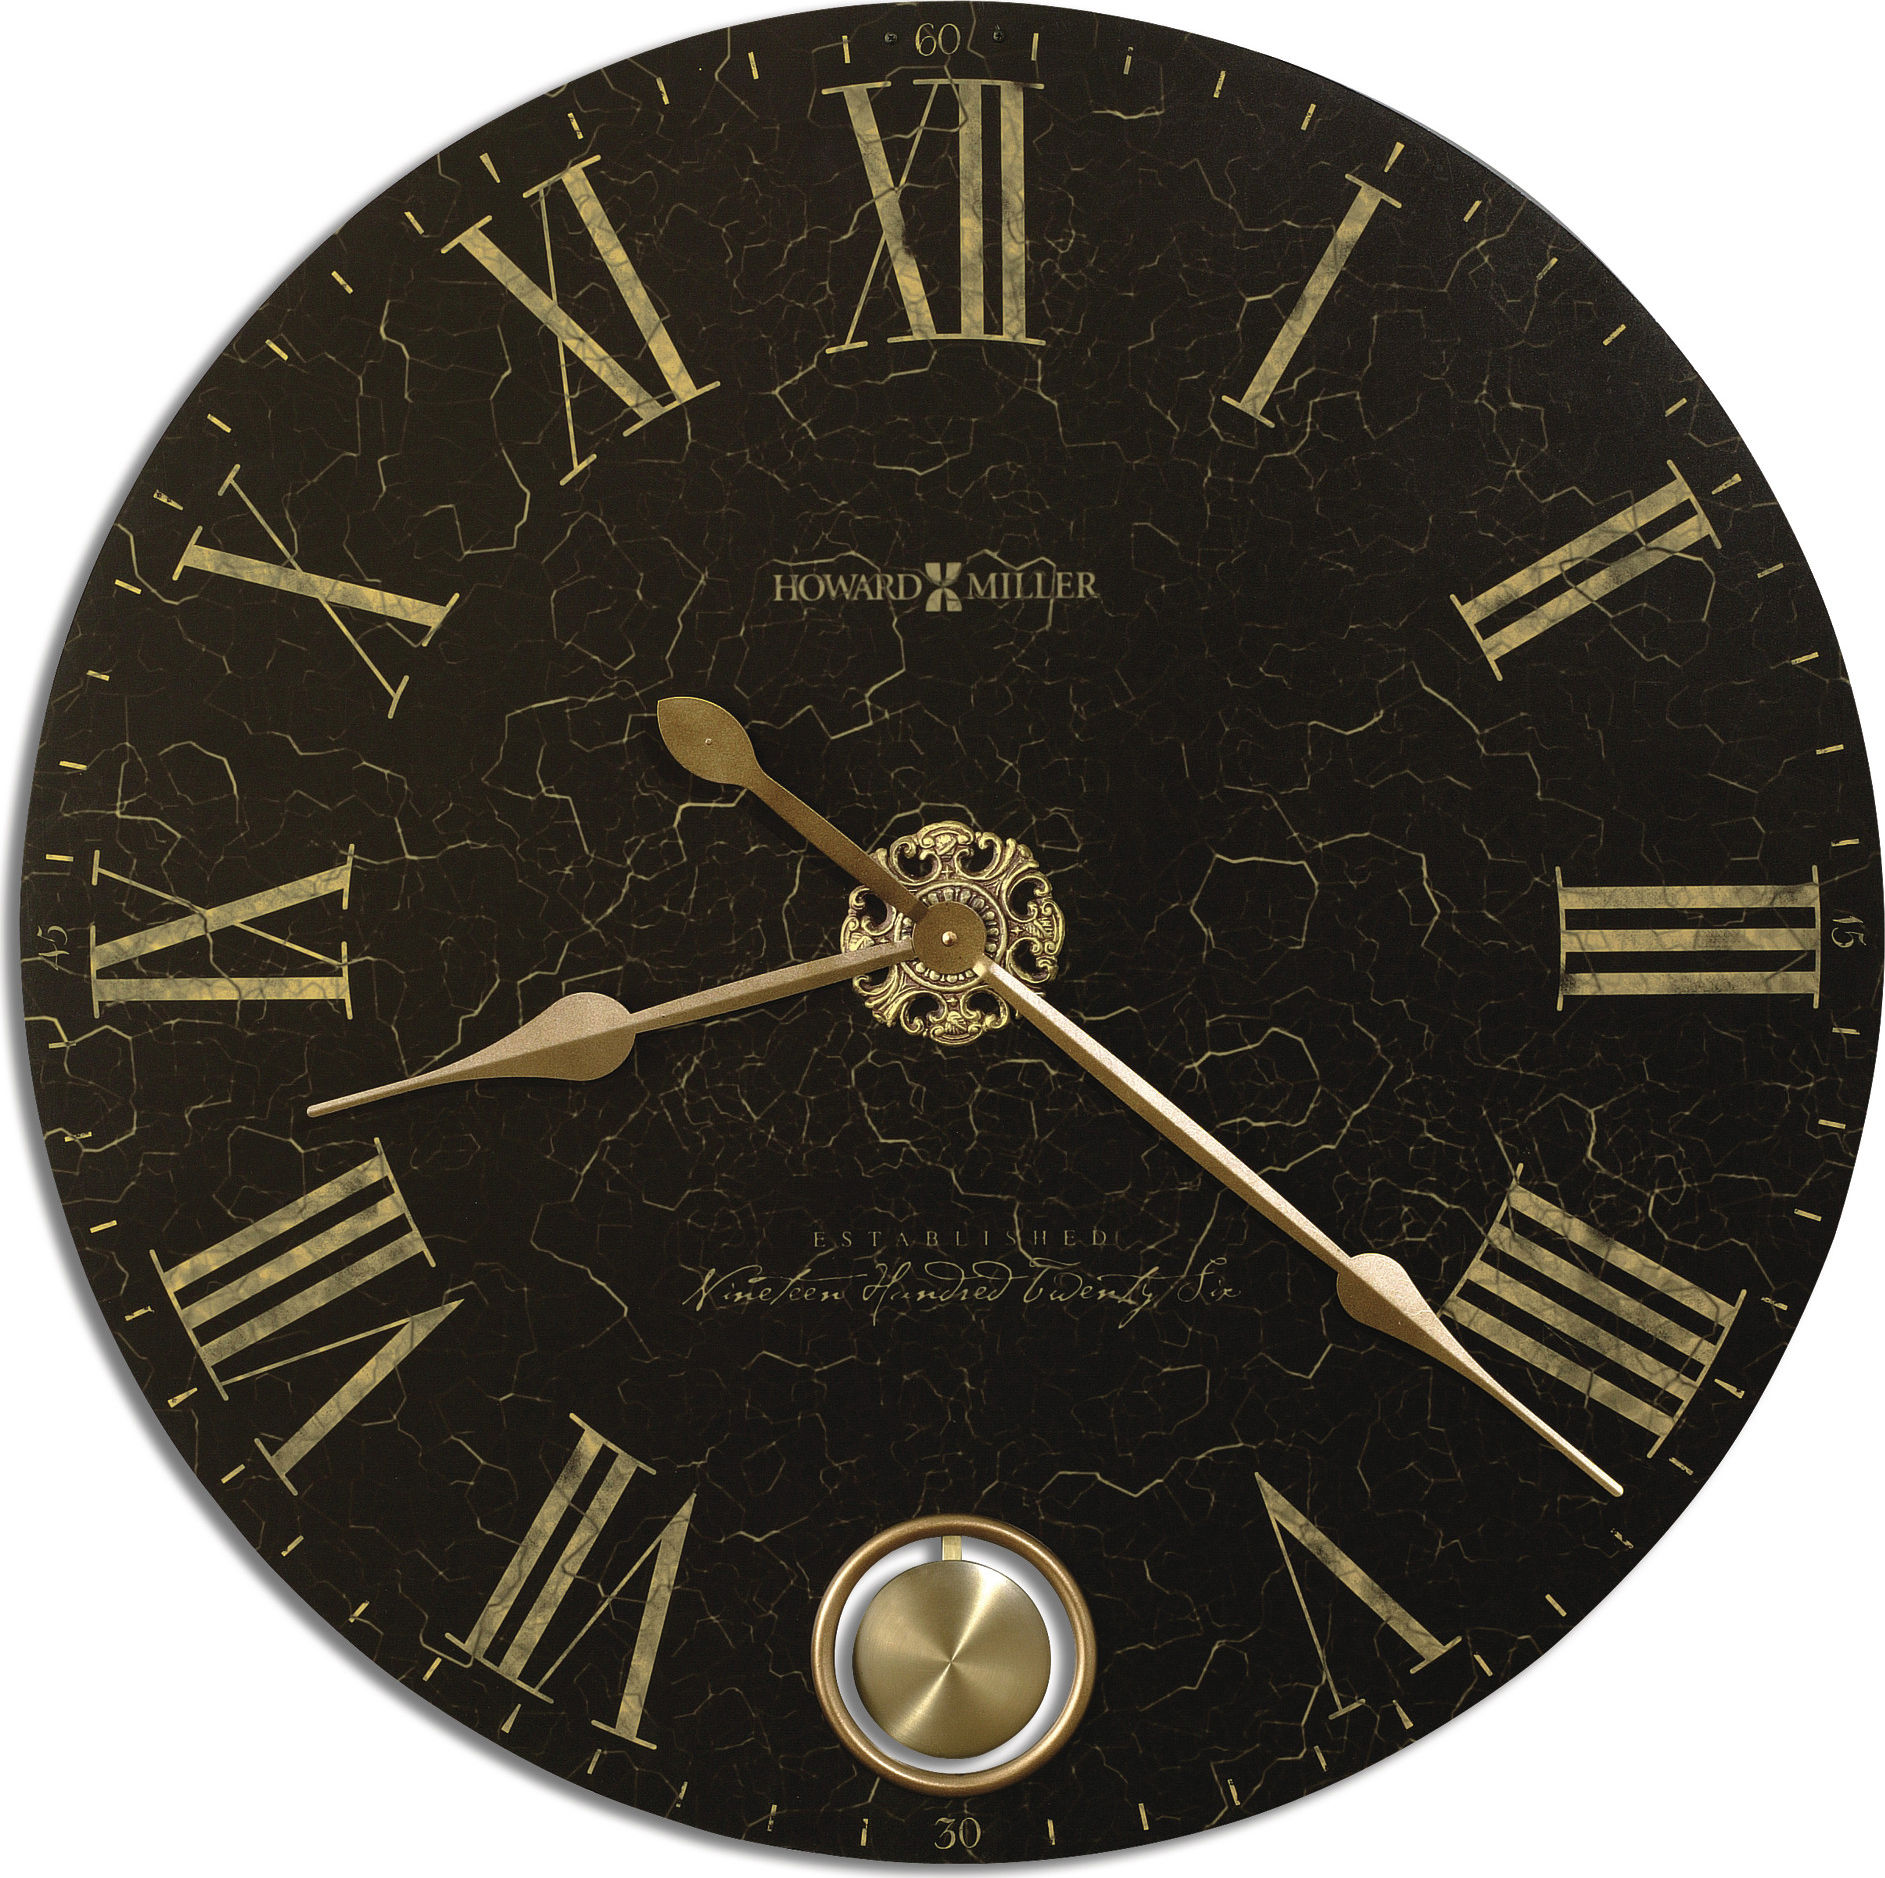 Фон для часов своими руками 191